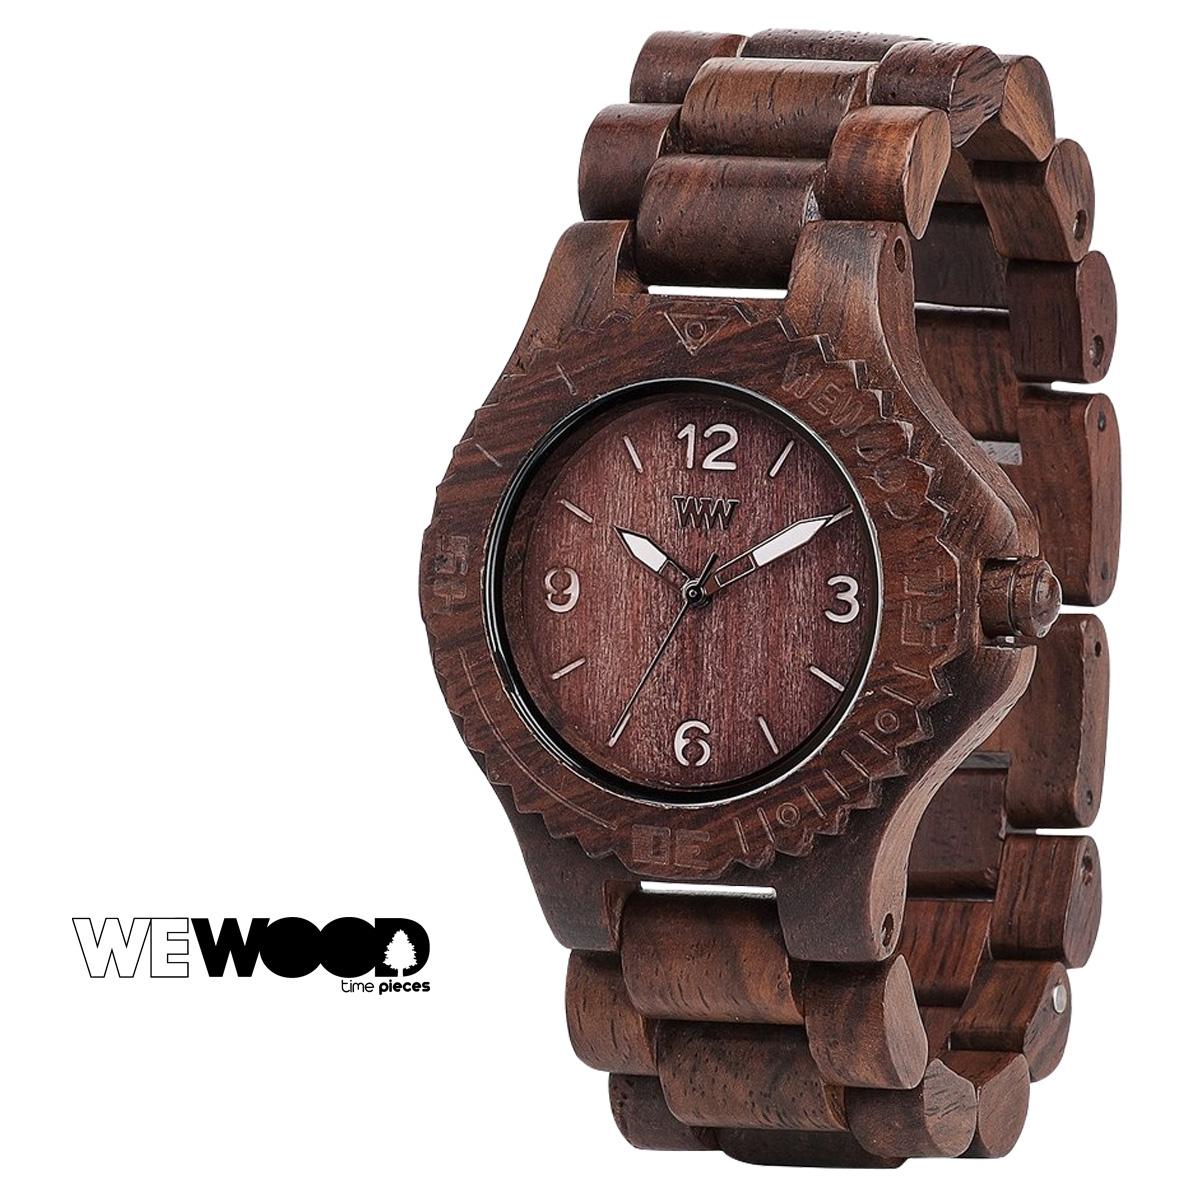 ウィーウッド 腕時計 メンズ レディース WEWOOD KALE チョコ ホワイト CHOCOLATE WHITE ケール